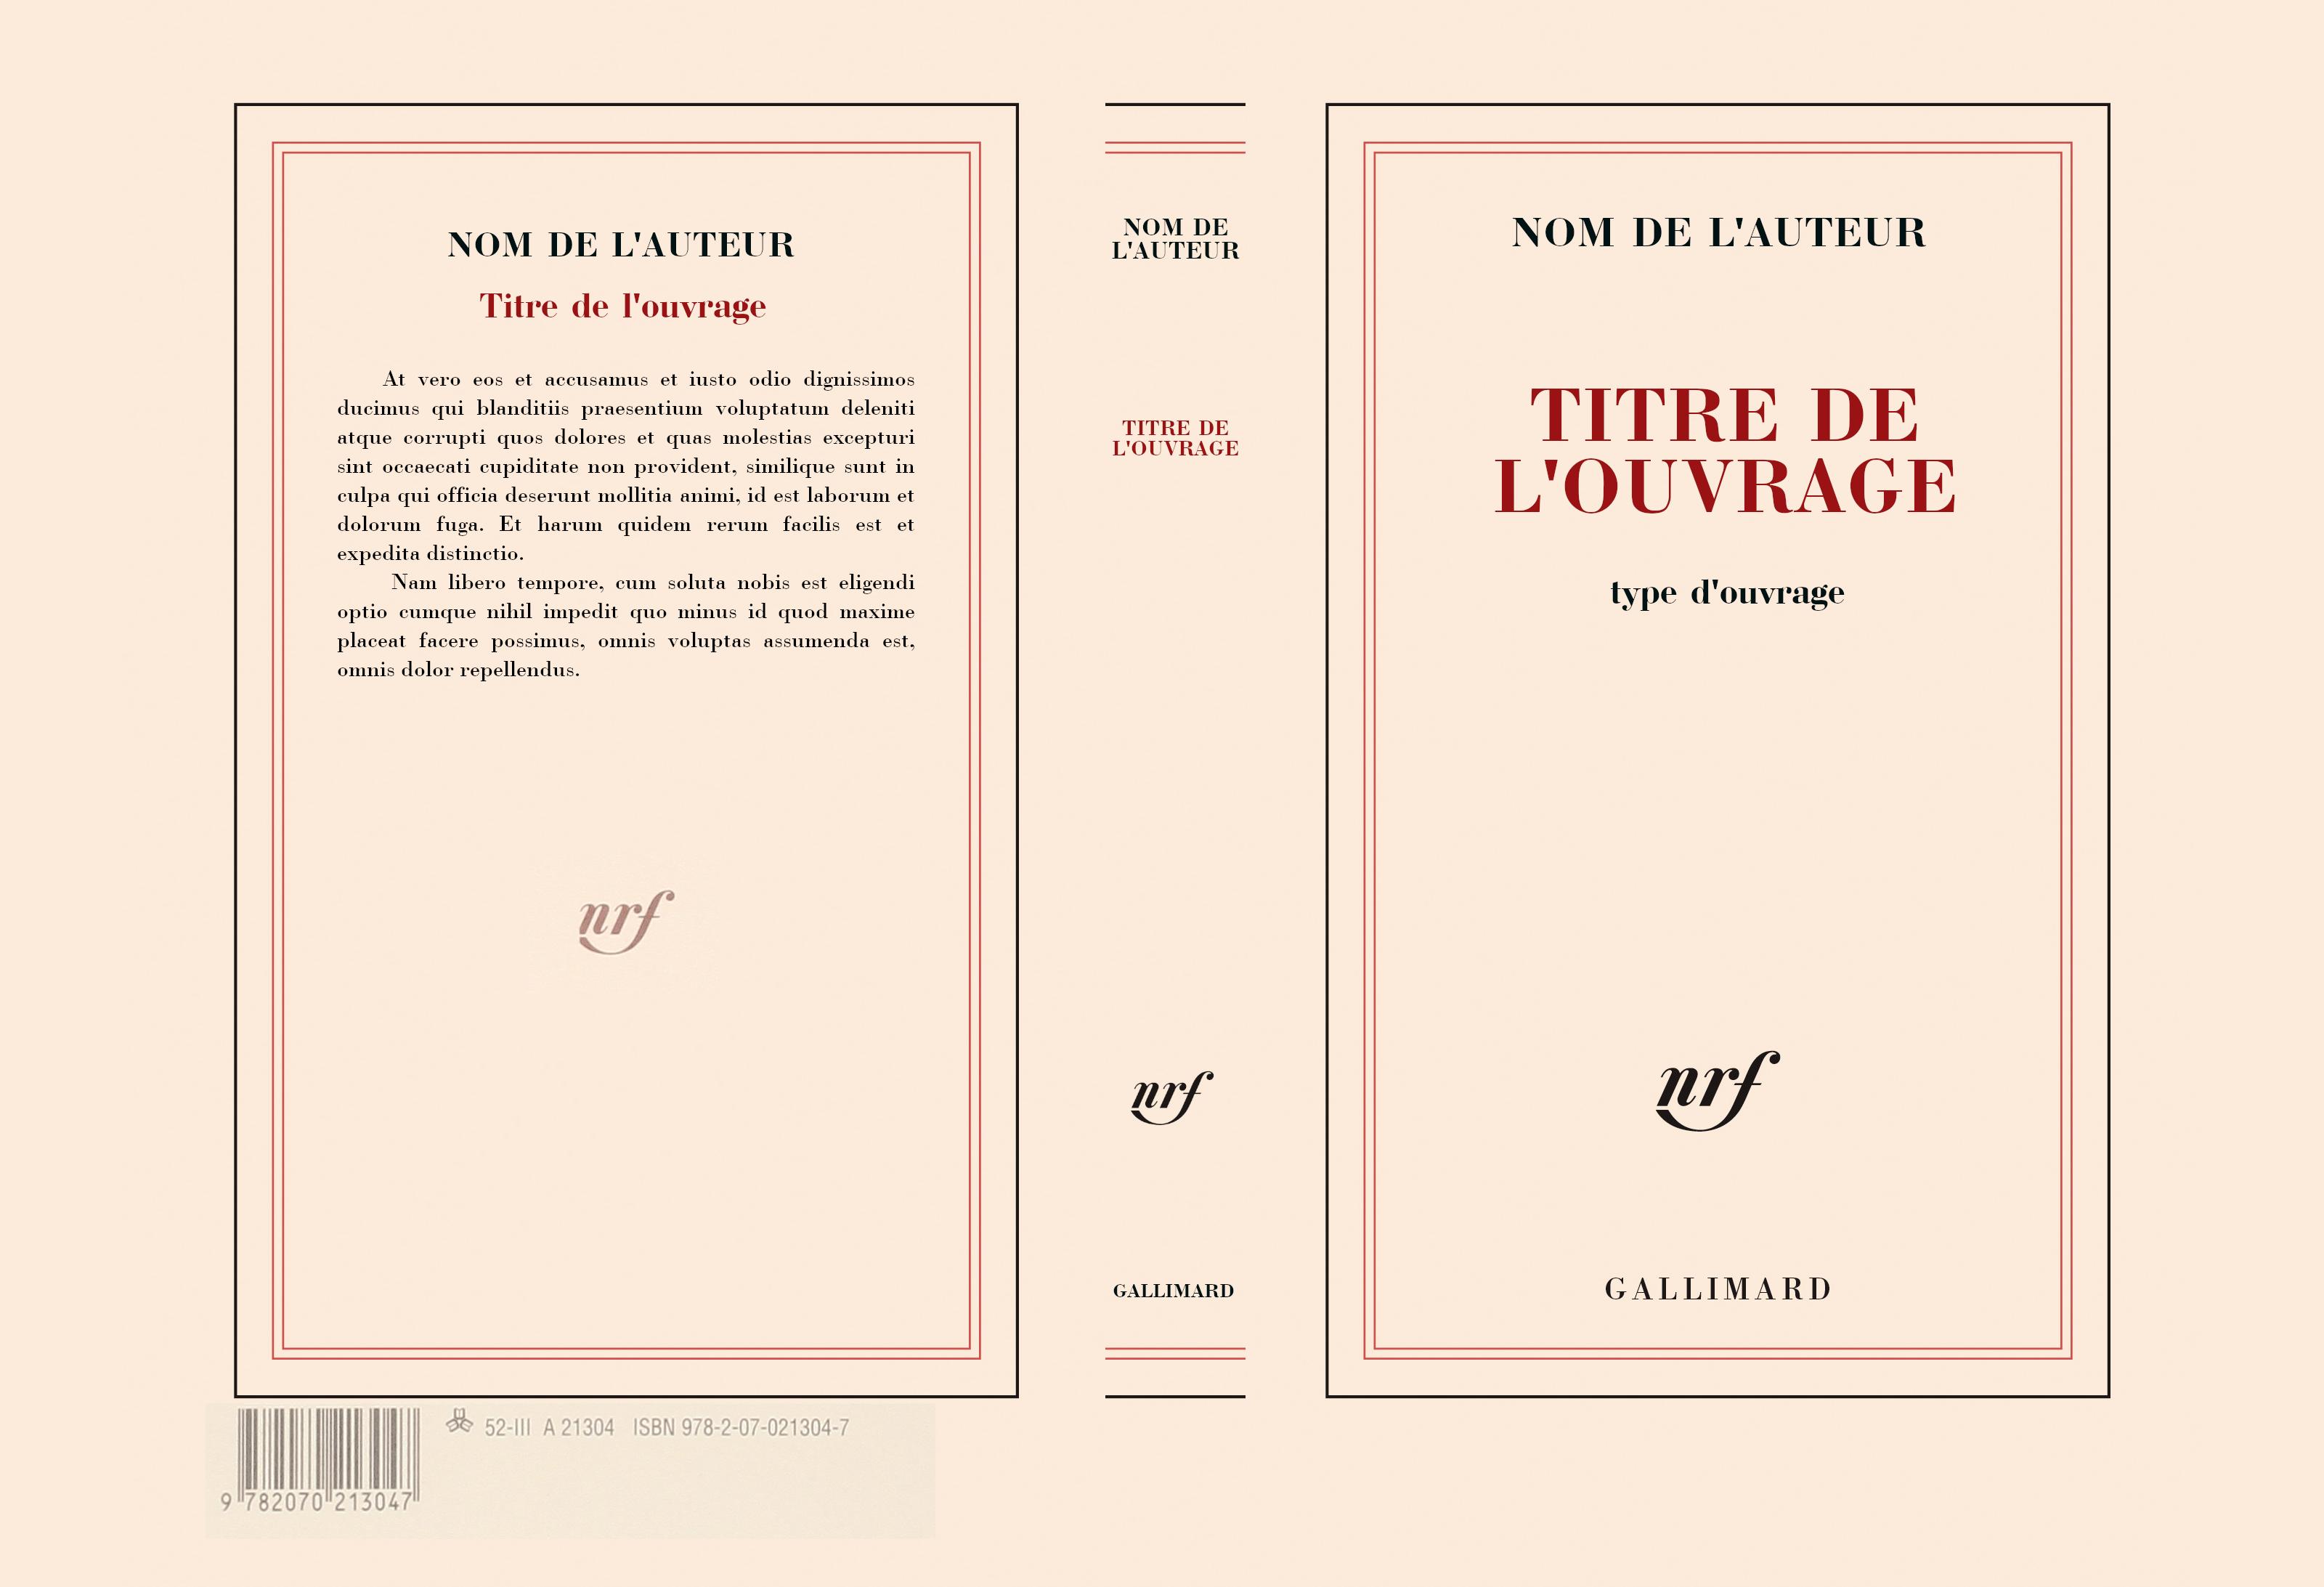 Couverture Vierge, Gallimard, NRF